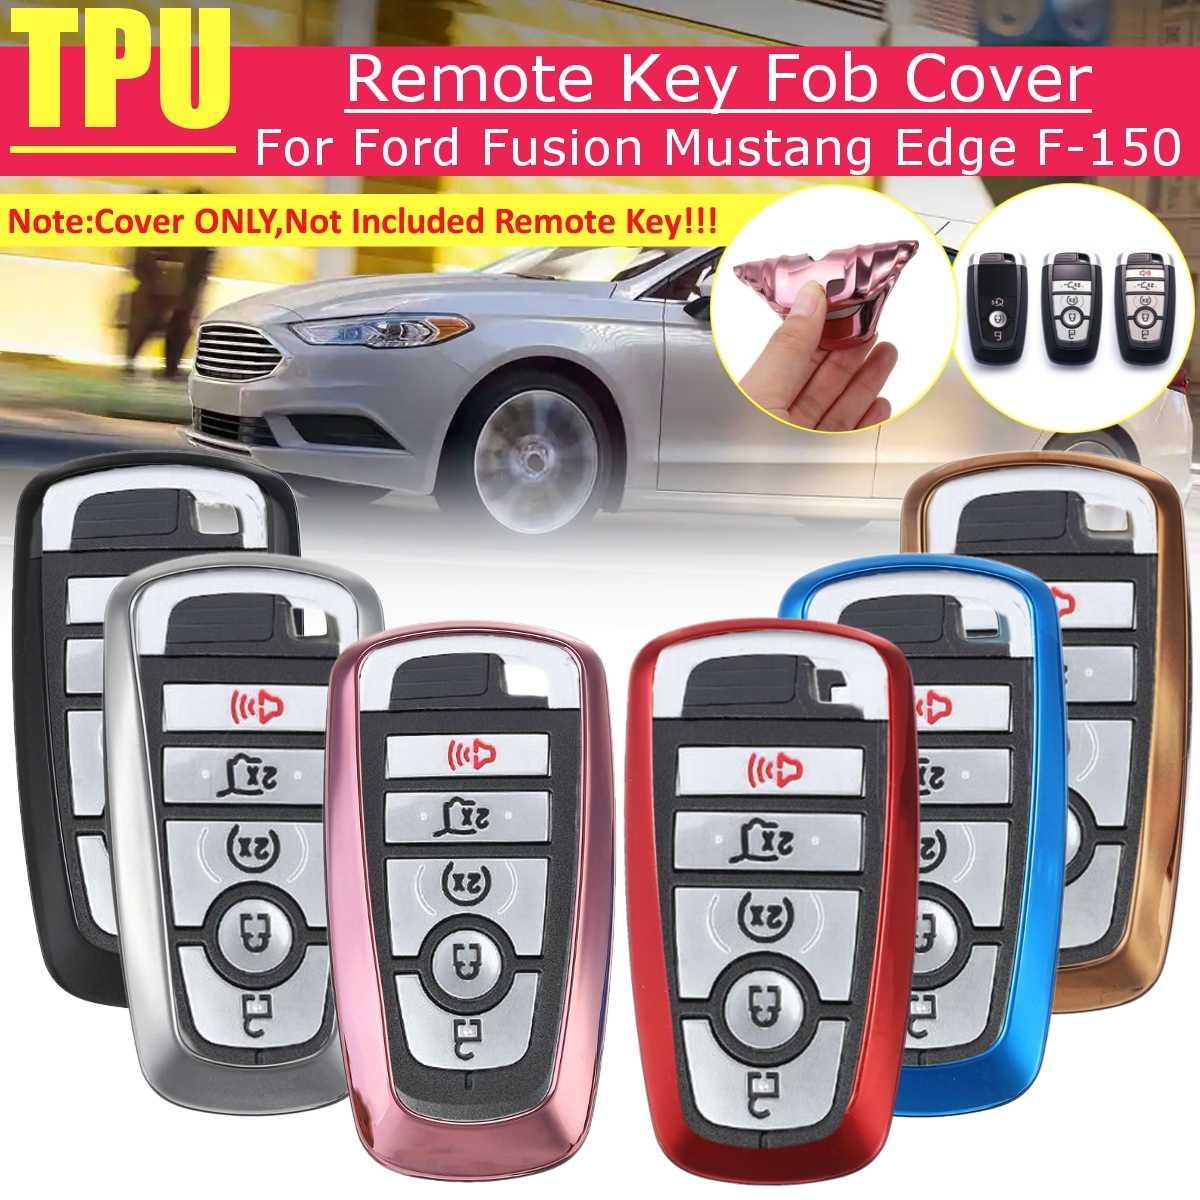 Carcasa para mando a distancia inteligente de TPU para coche, carcasa para mando a distancia para Ford Fusion Mustang Edge Ecosport Explorer F150 F250 2017 2018 2019, 6 colores